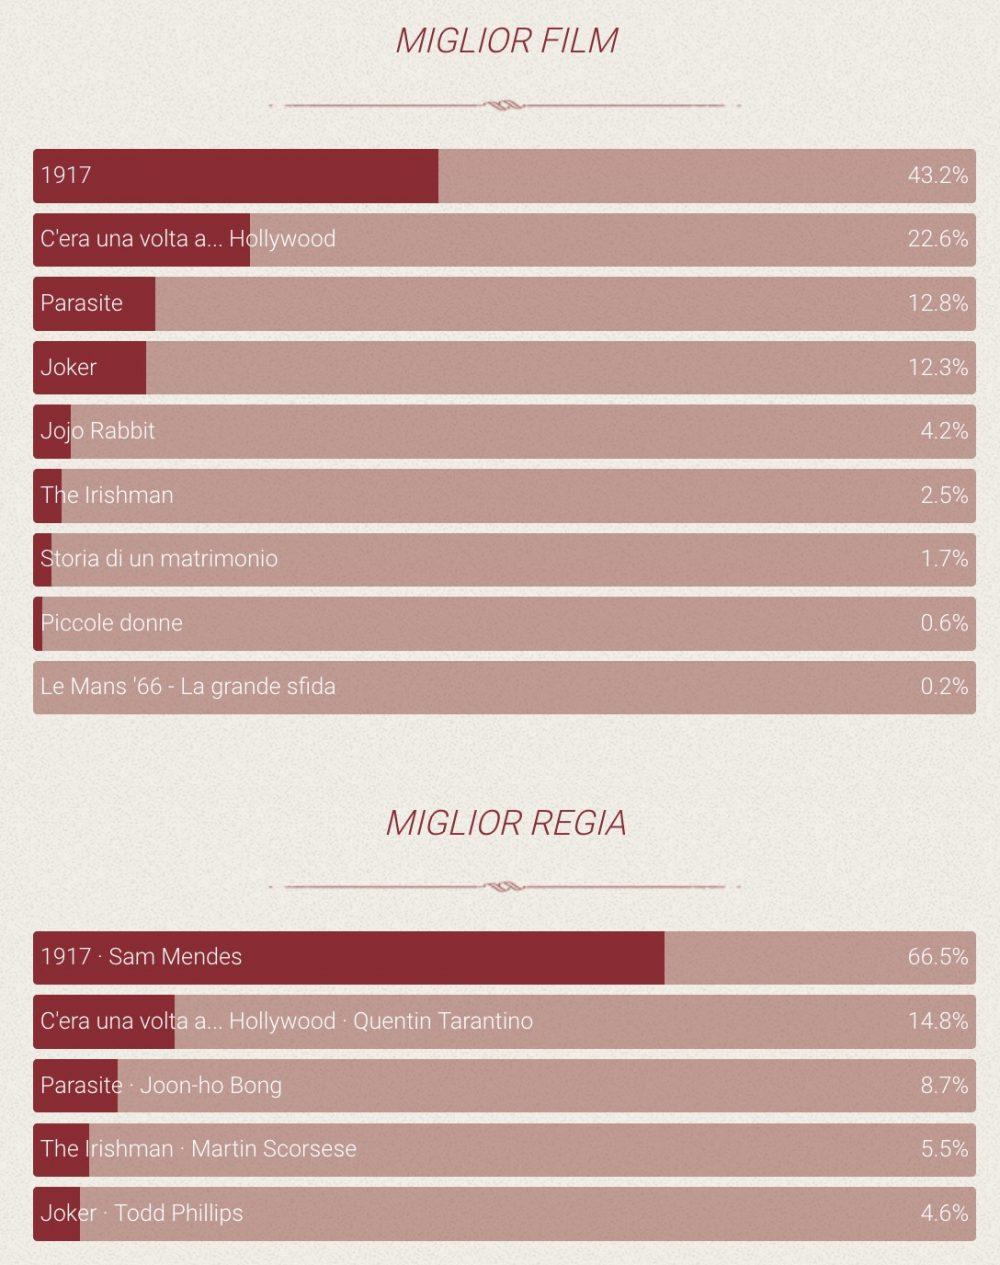 statistiche oscar 2020